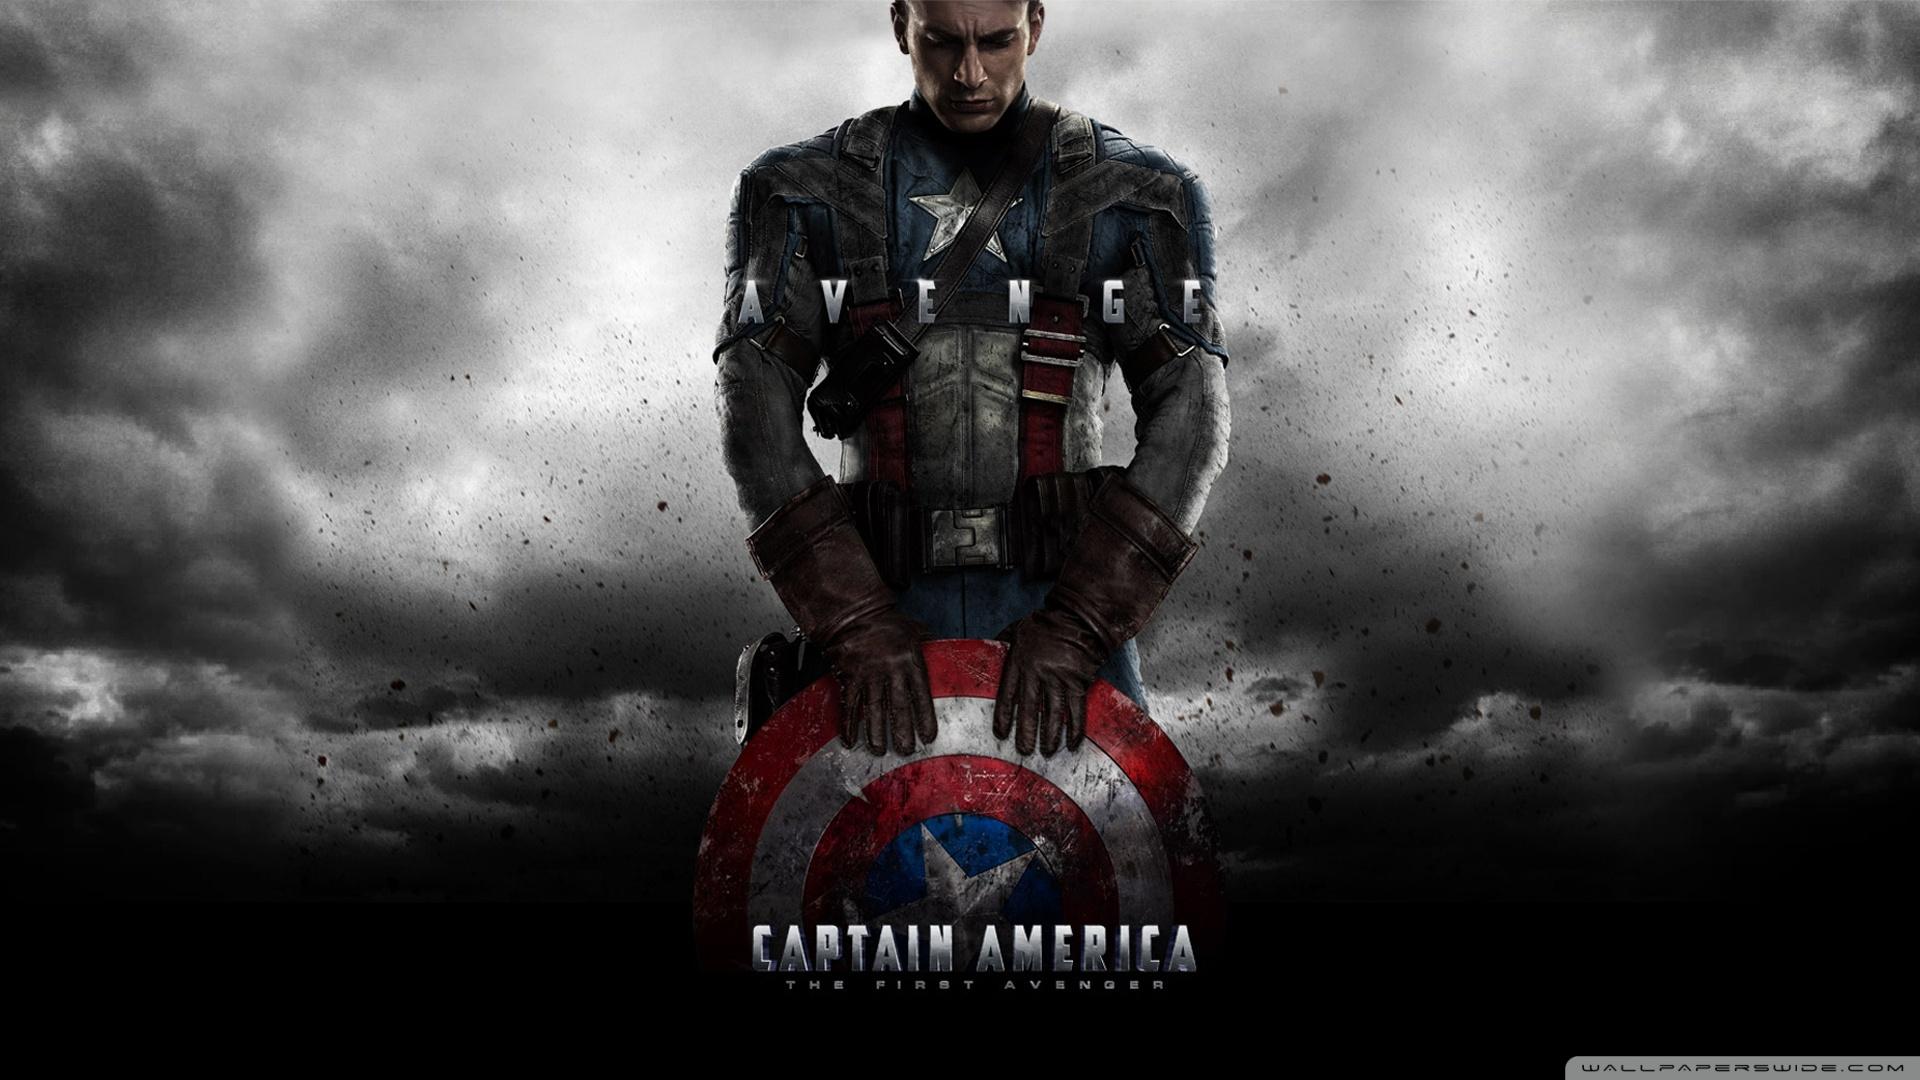 Captain America The First Avenger 2 Wallpaper 1920x1080 Captain 1920x1080